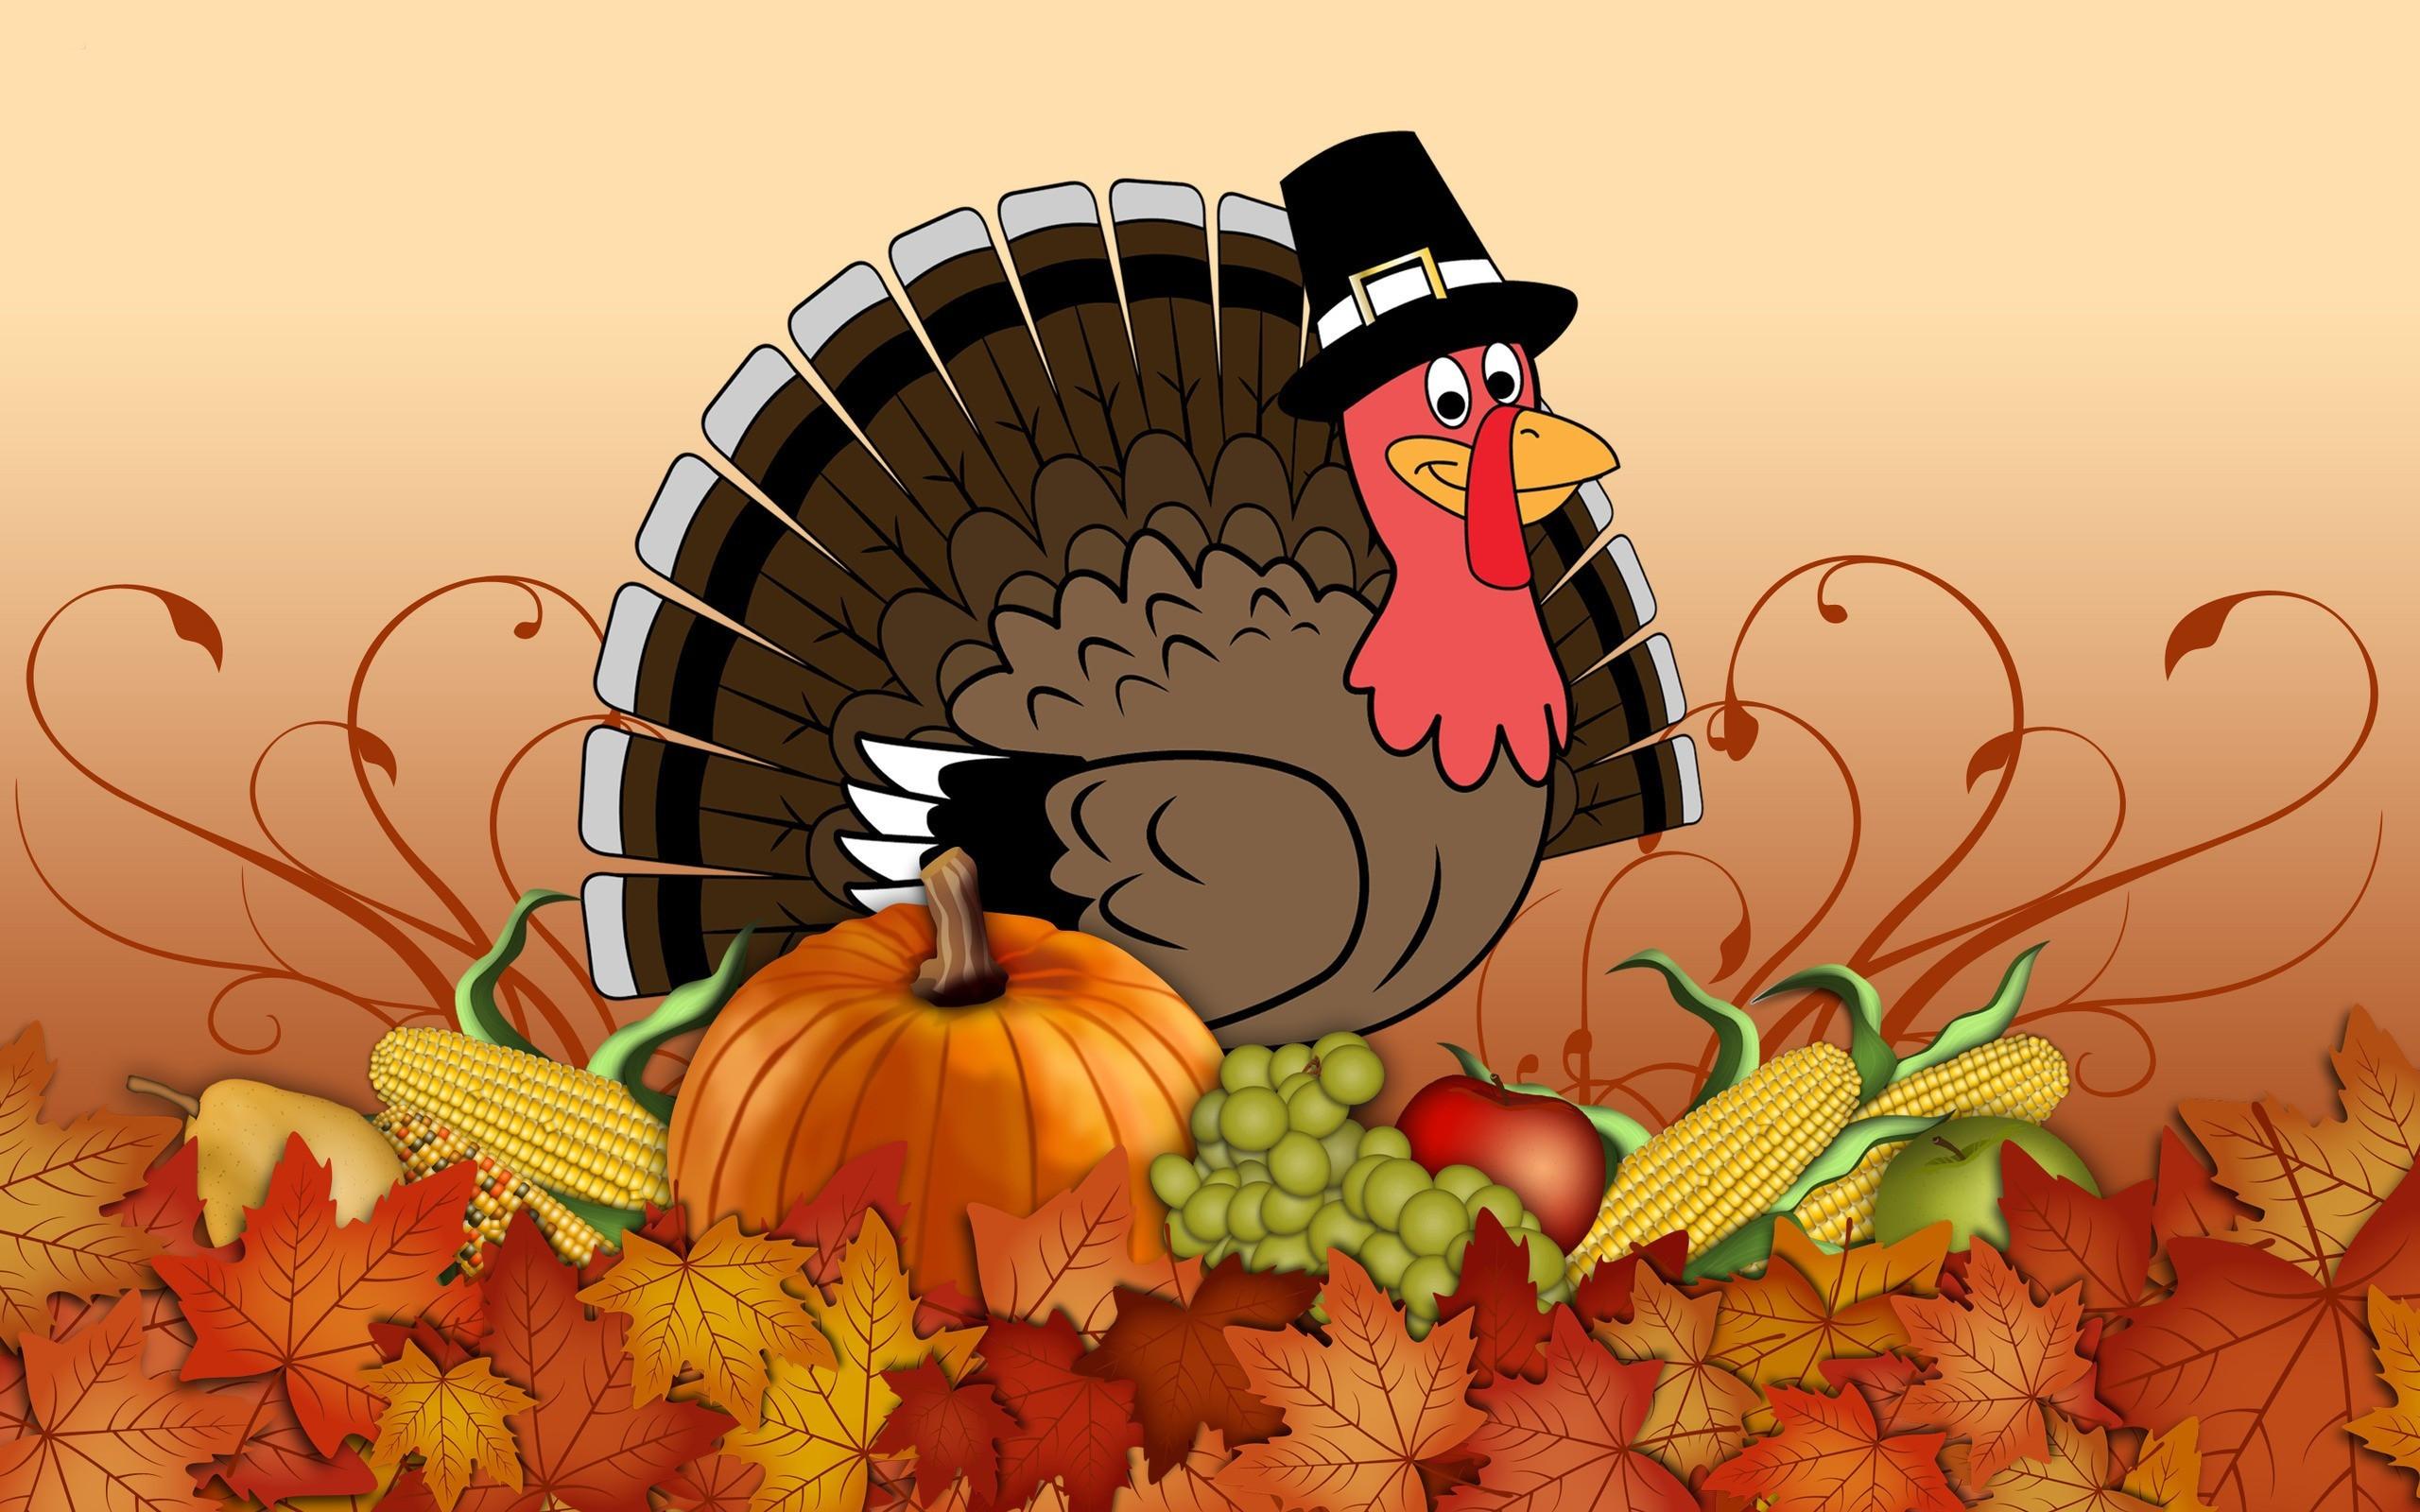 Thanksgiving Turkey Wallpaper  3D Thanksgiving HD Backgrounds